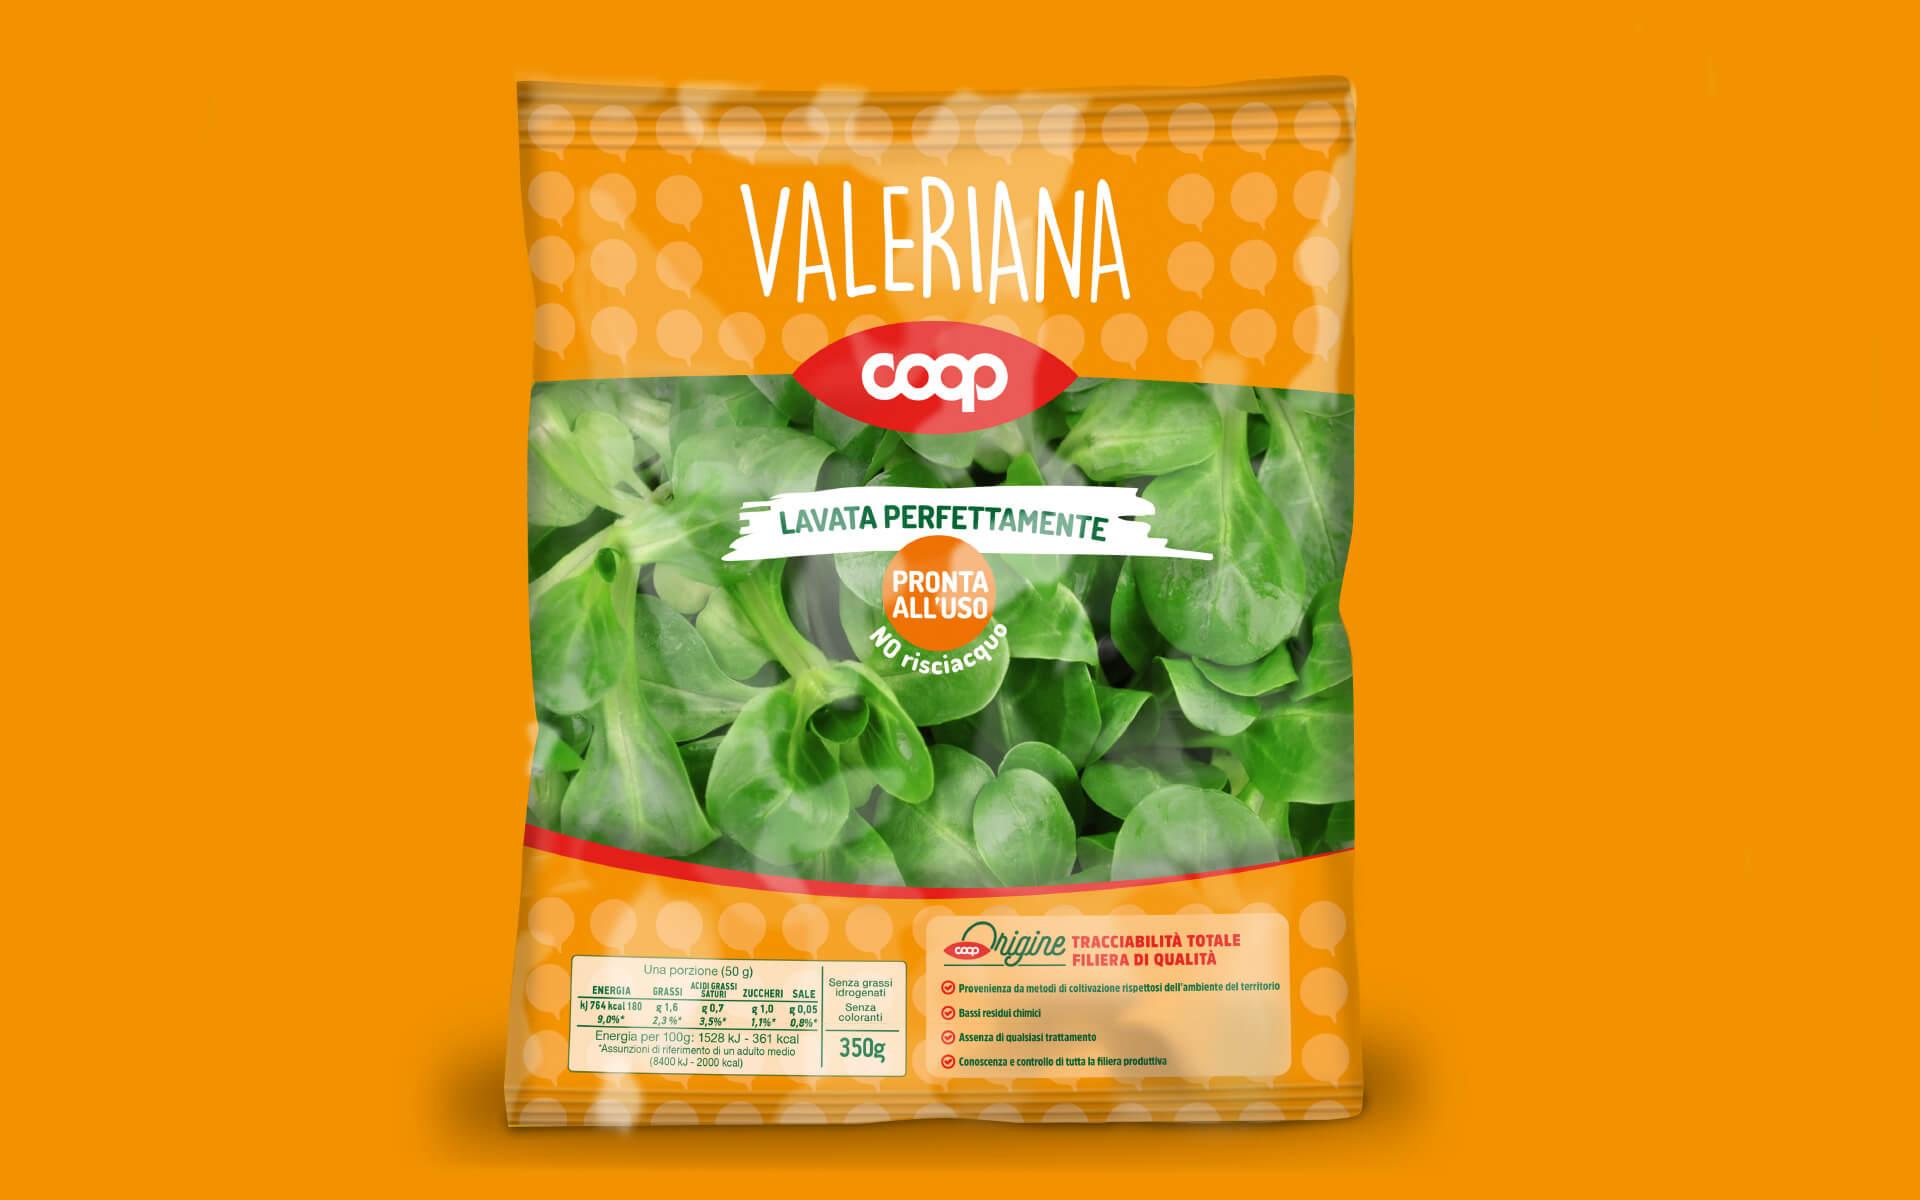 Coop Italia packaging by Start